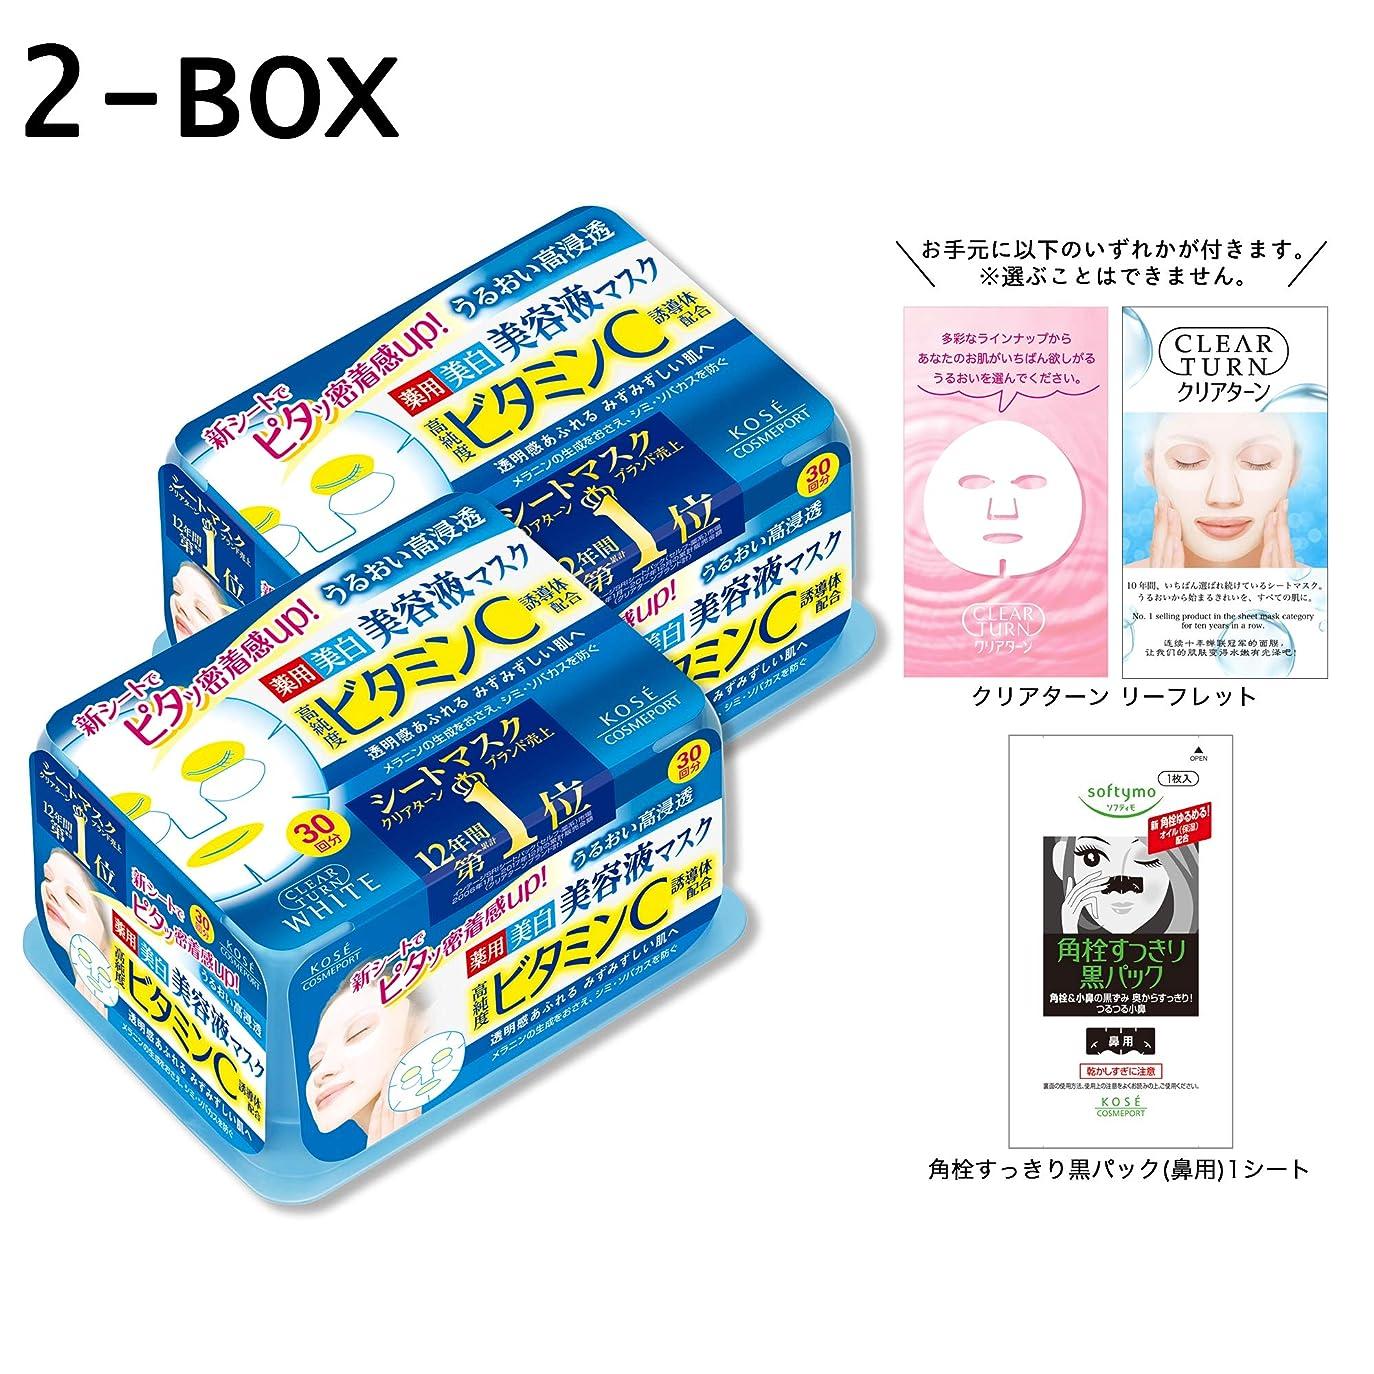 常識議論する狂った【Amazon.co.jp限定】KOSE クリアターン エッセンスマスク (ビタミンC) 30回 2P+おまけ フェイスマスク (医薬部外品)